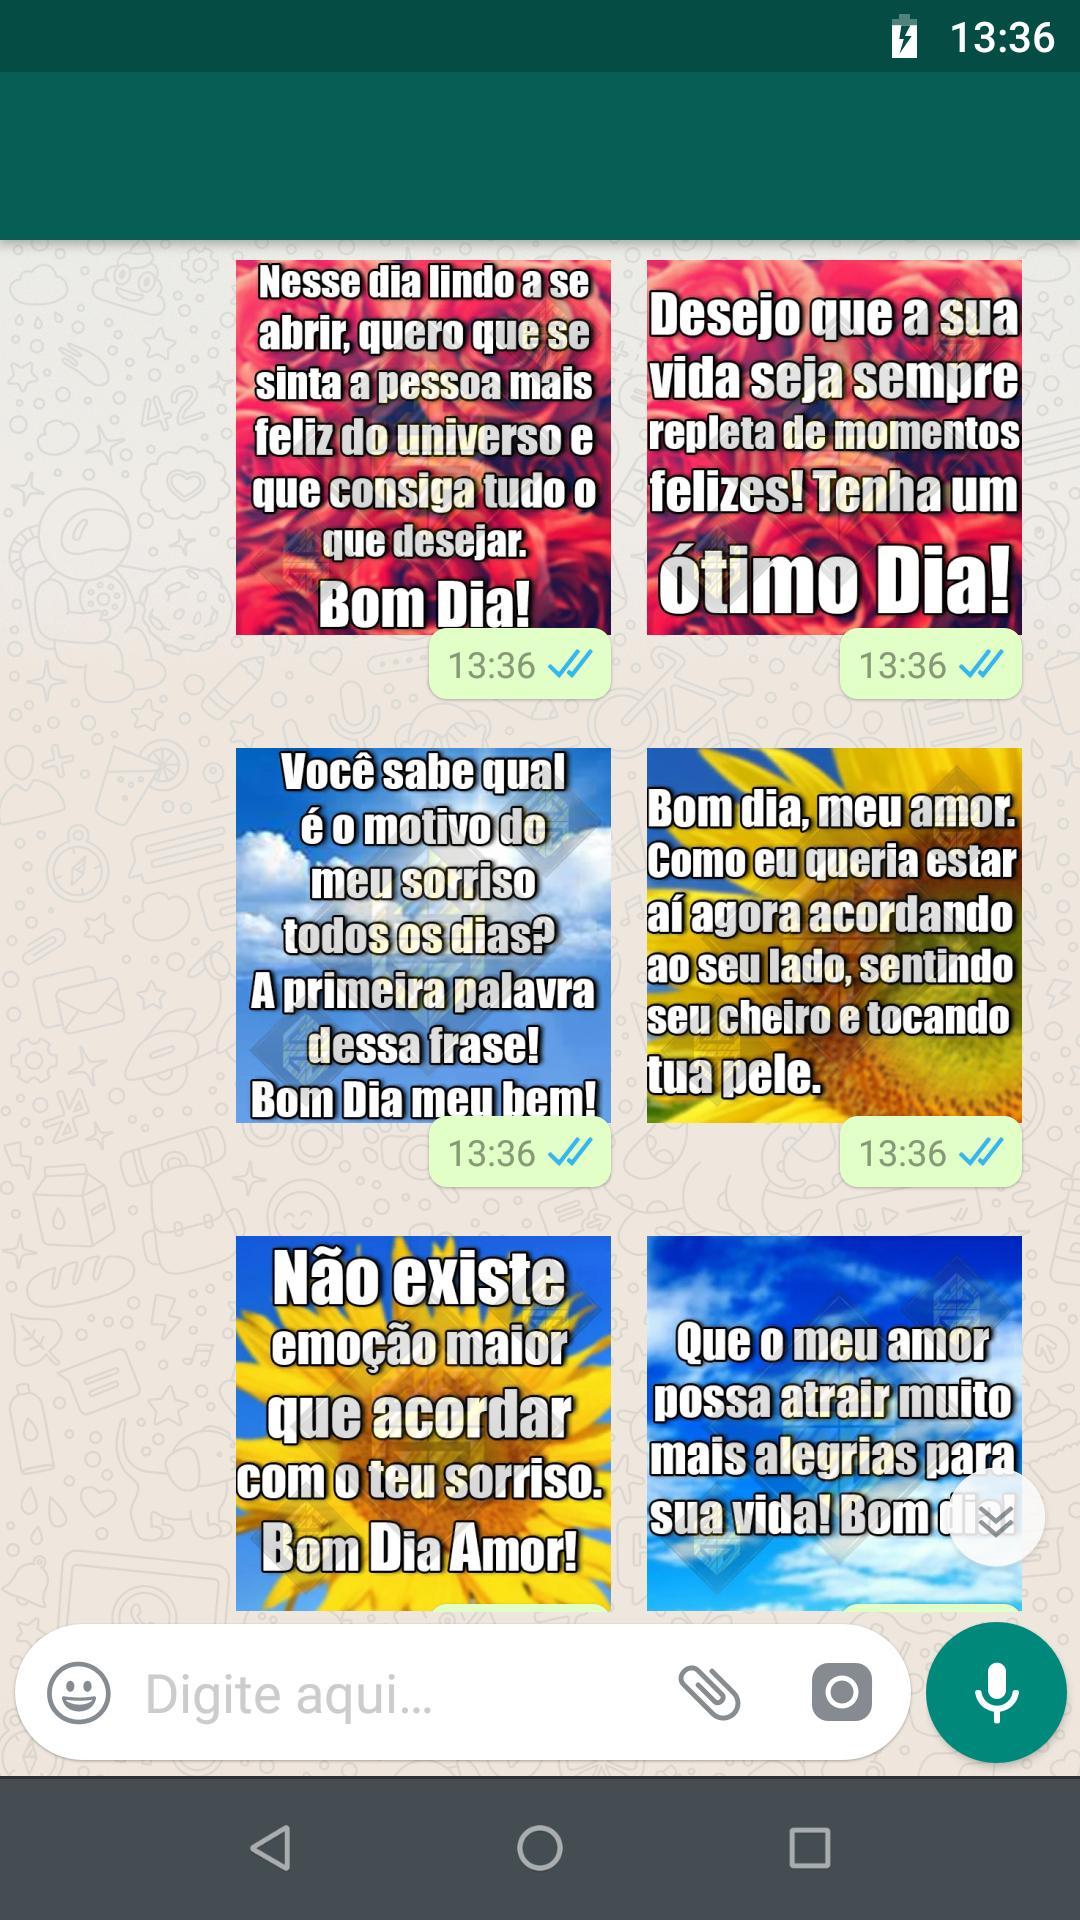 Wastickers Figurinhas De Bom Dia For Android Apk Download